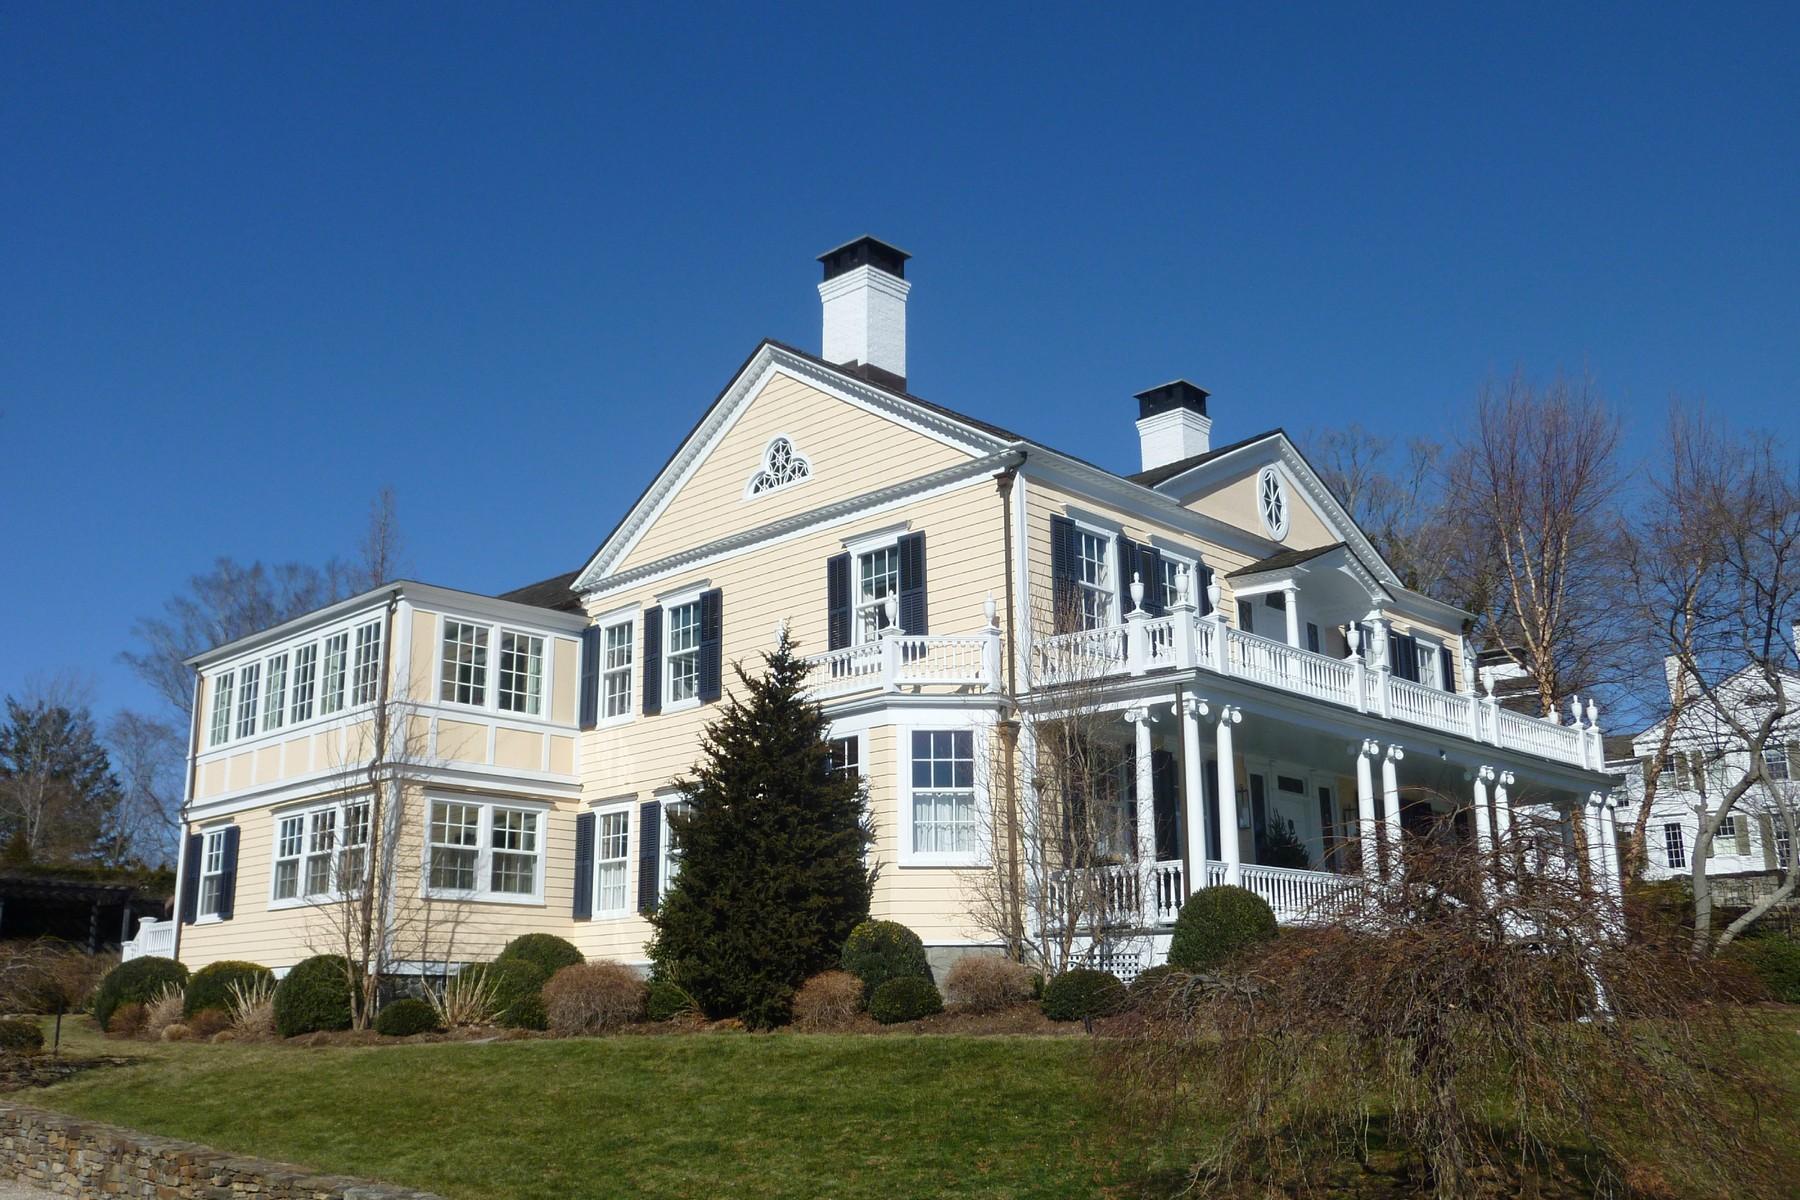 Casa Unifamiliar por un Venta en CAPTAIN JEREMIAH STURGES HOUSE 608 Harbor Road Southport, Fairfield, Connecticut, 06890 Estados Unidos